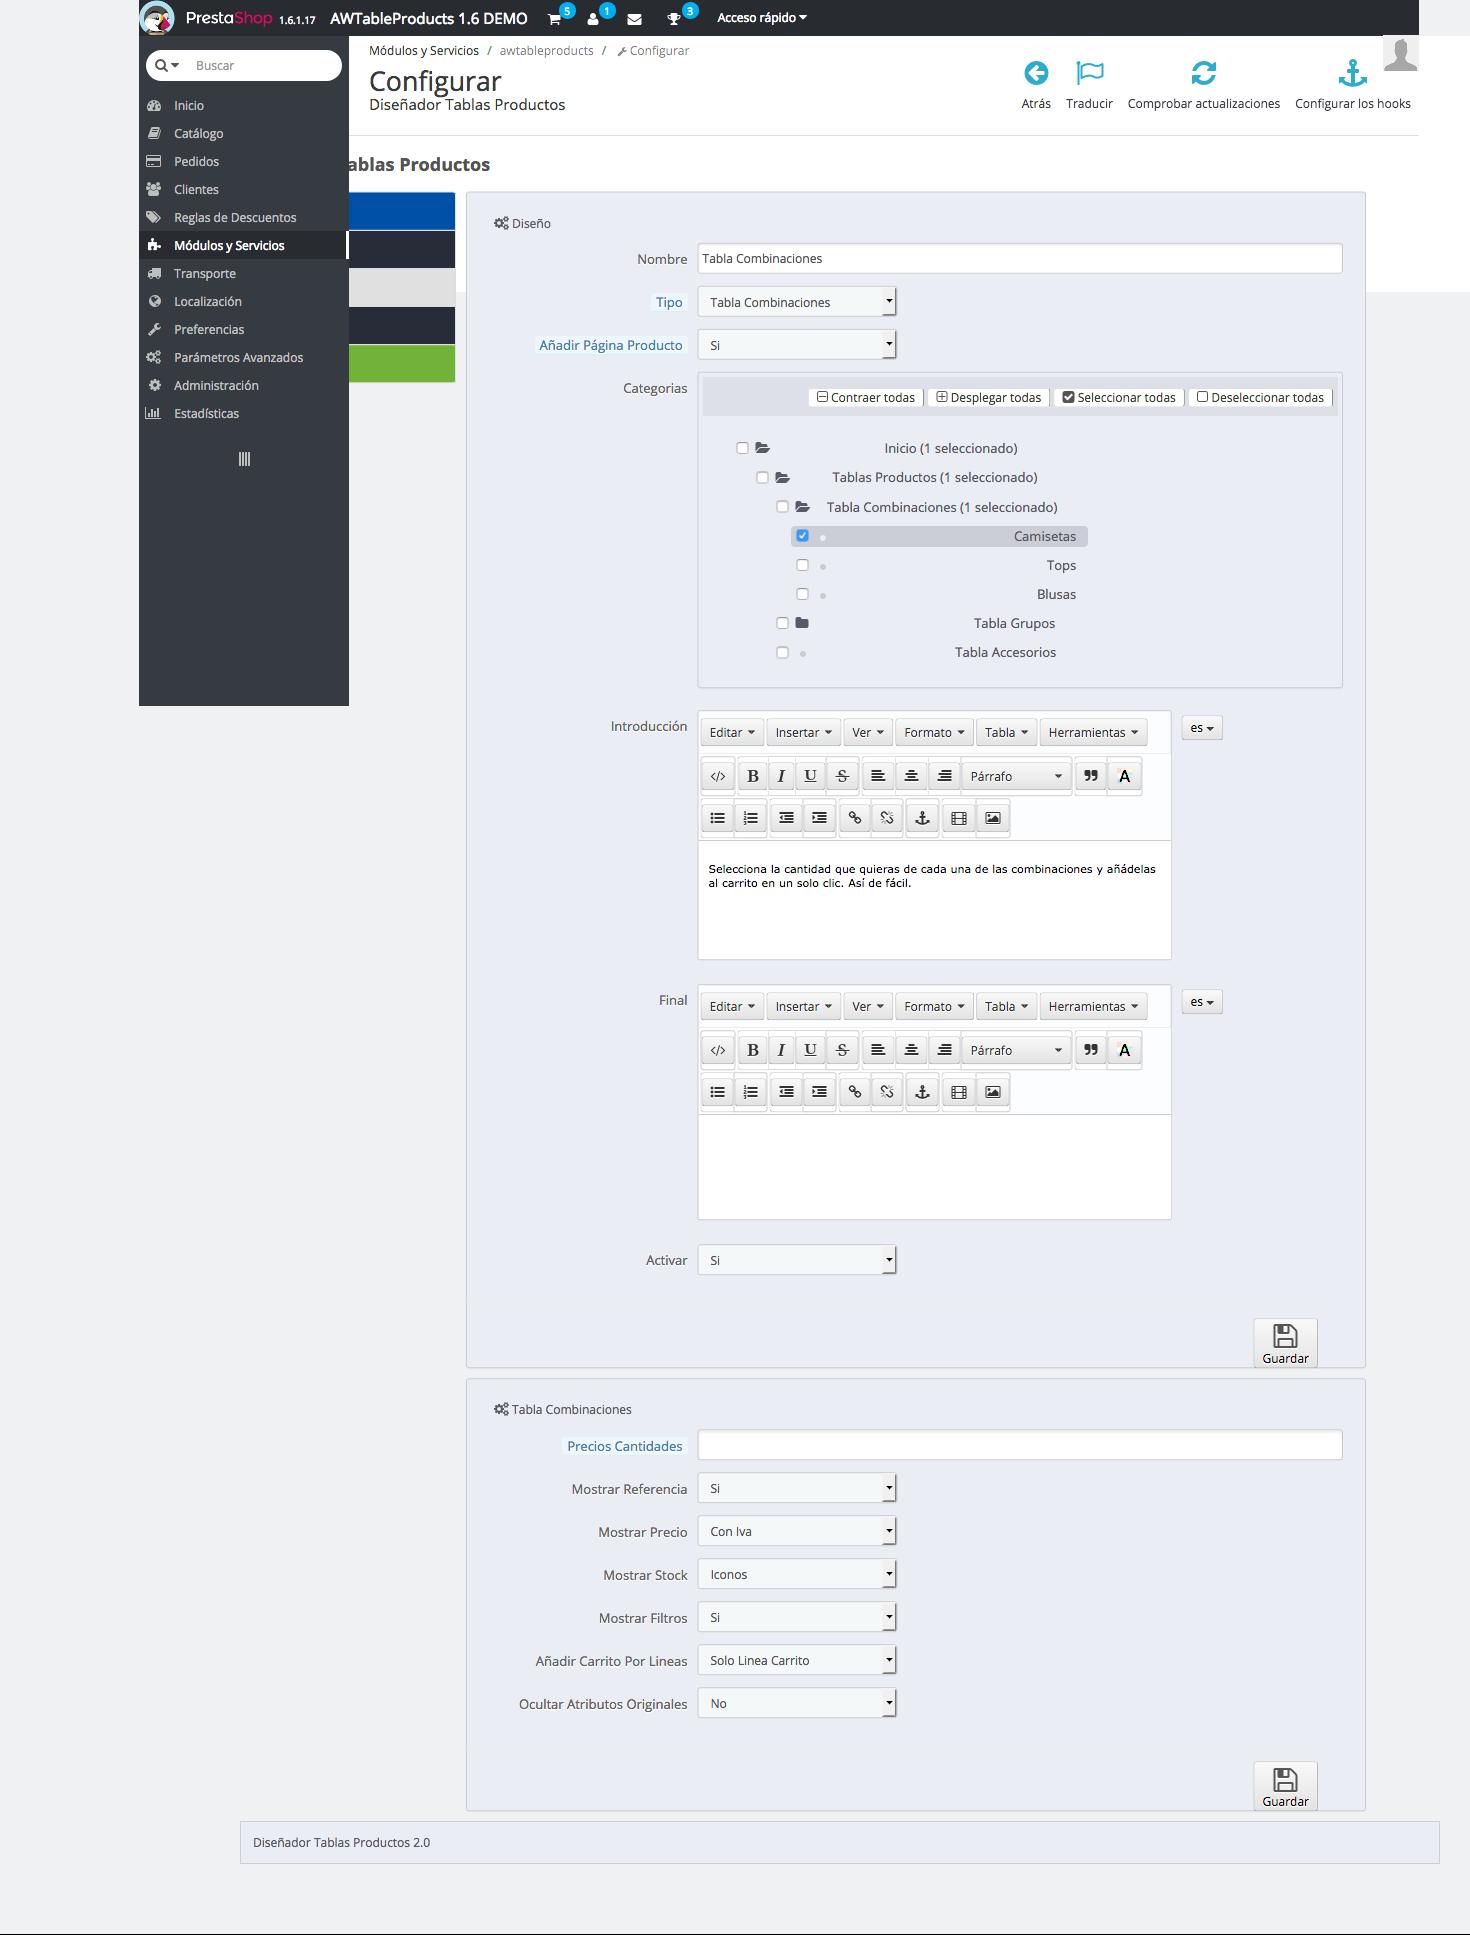 opciones de configuracion para tabla de tipo combinaciones